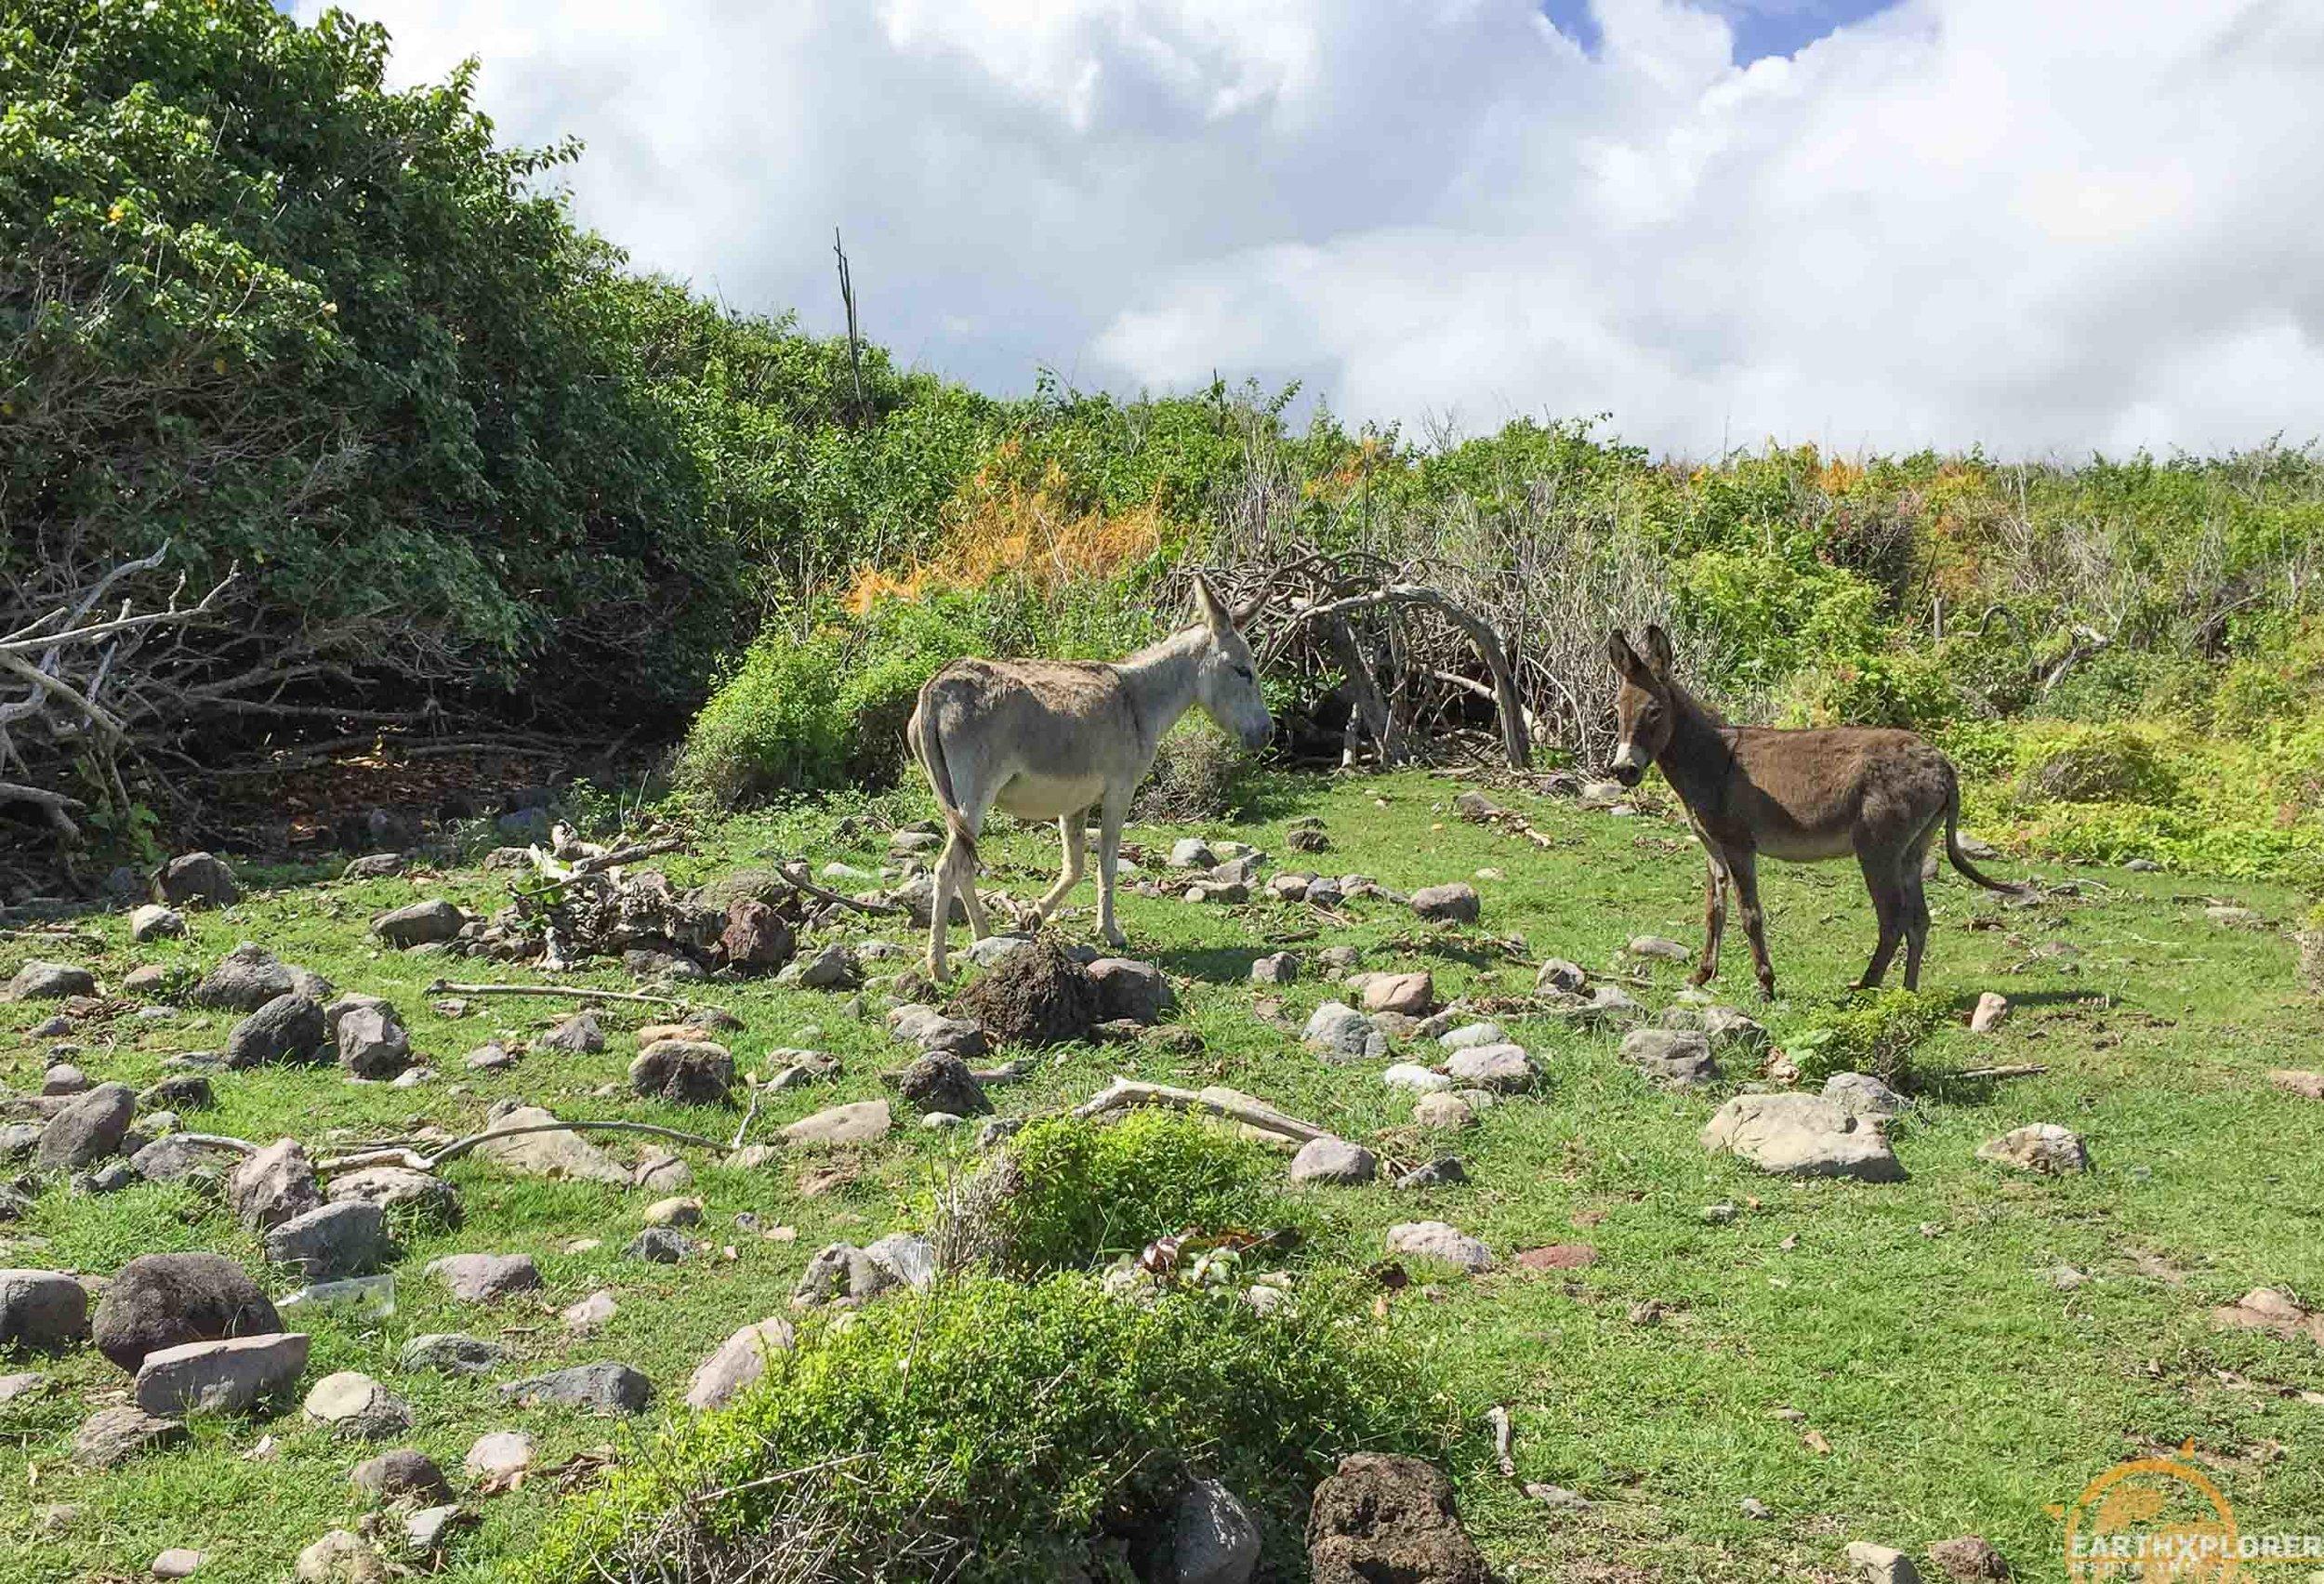 Nevis Donkeys earthXplorer.jpg